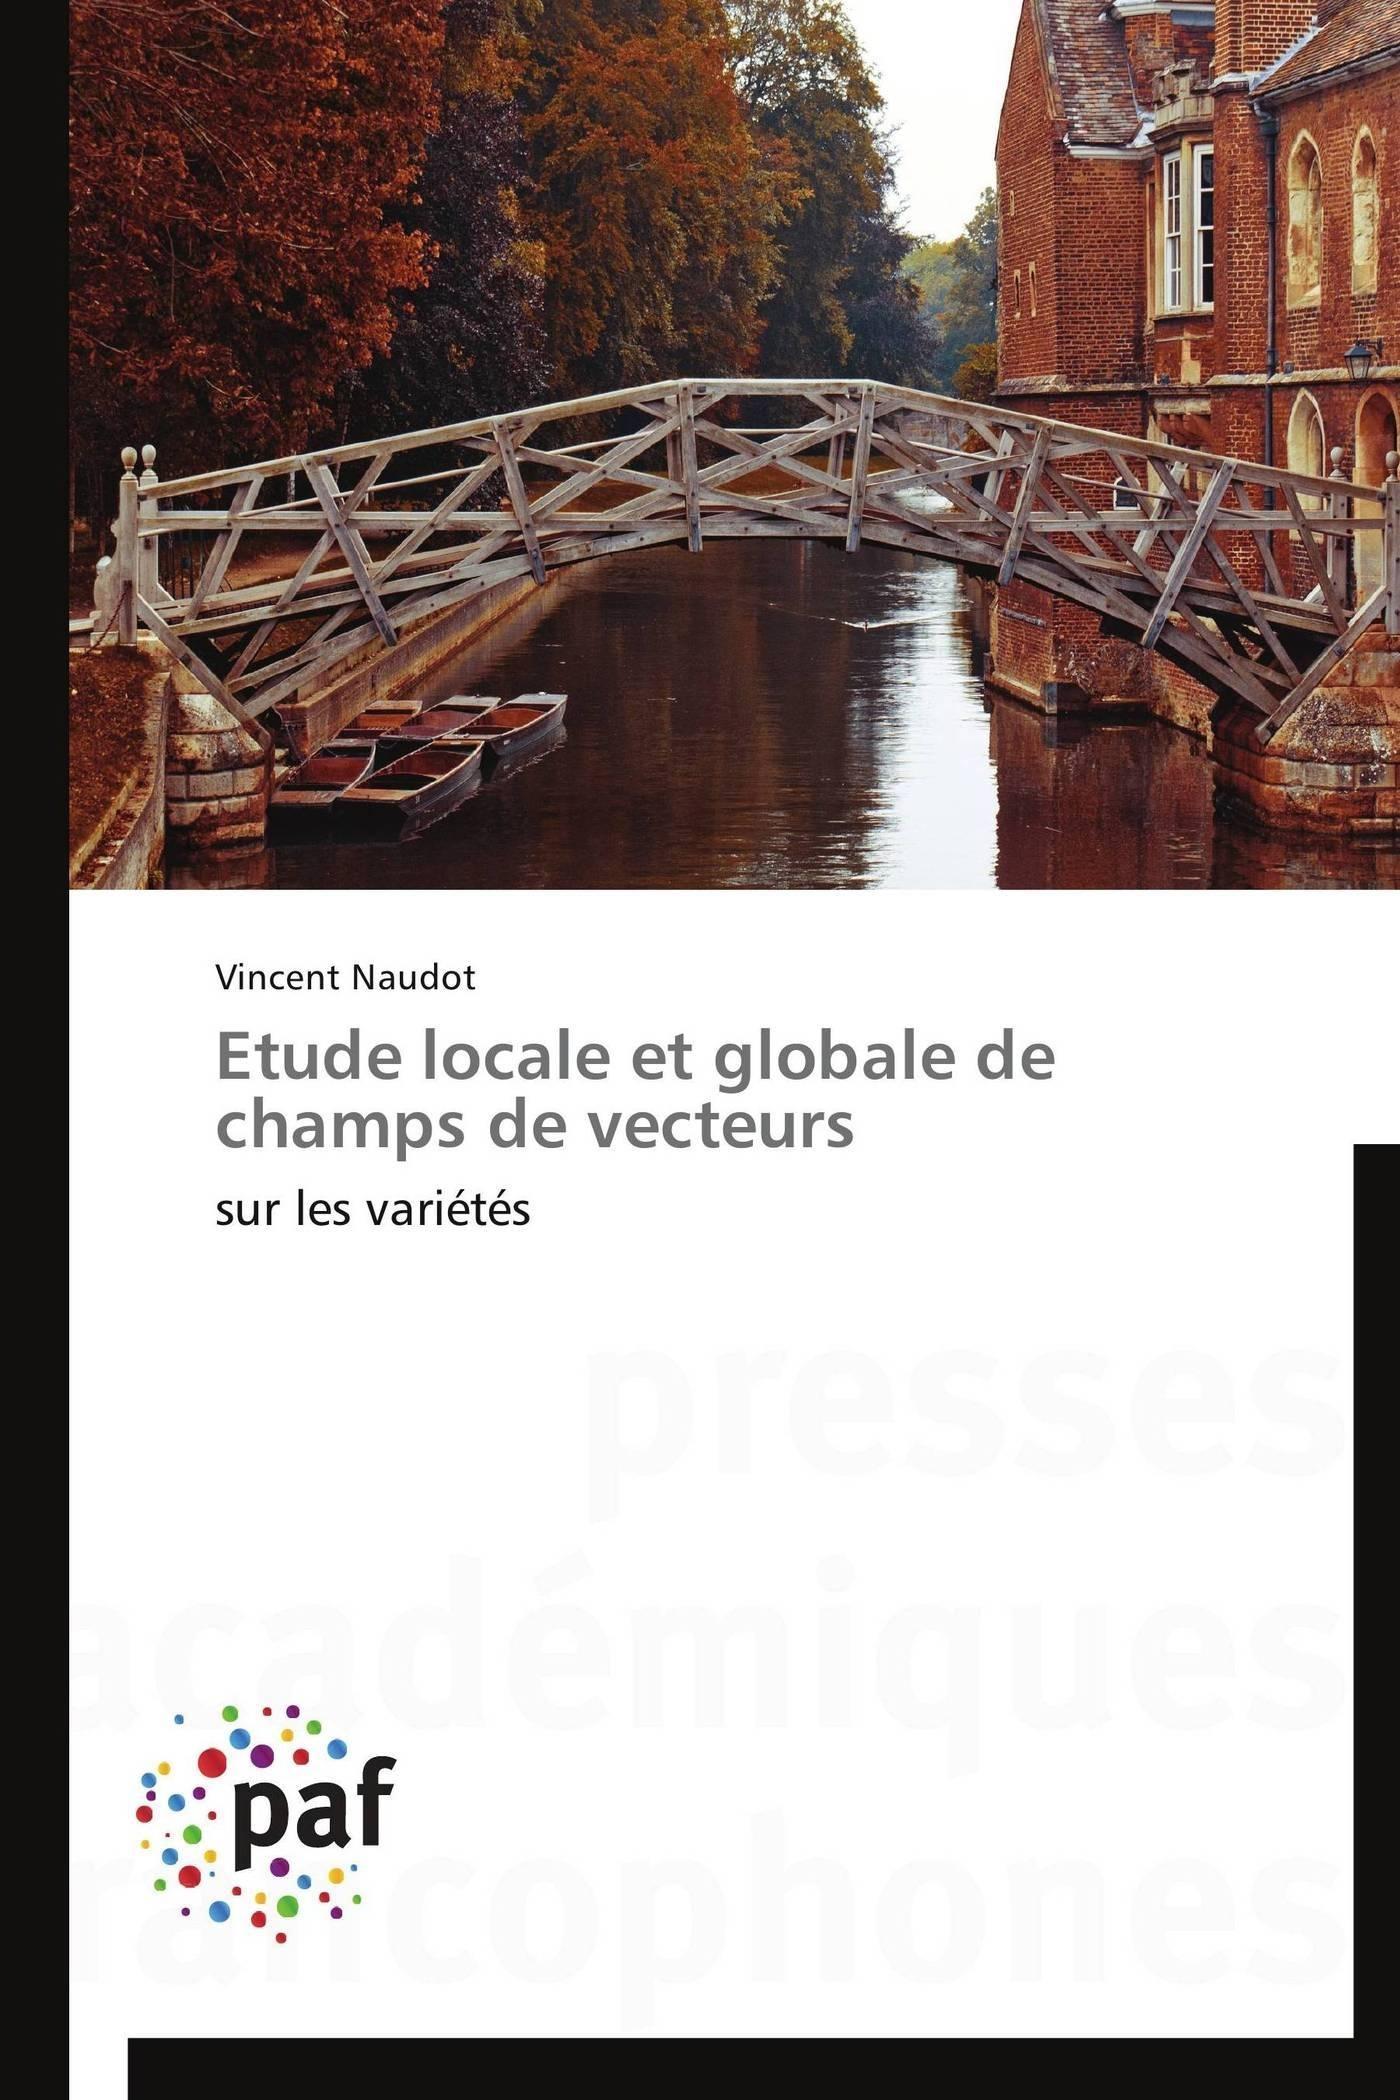 ETUDE LOCALE ET GLOBALE DE CHAMPS DE VECTEURS